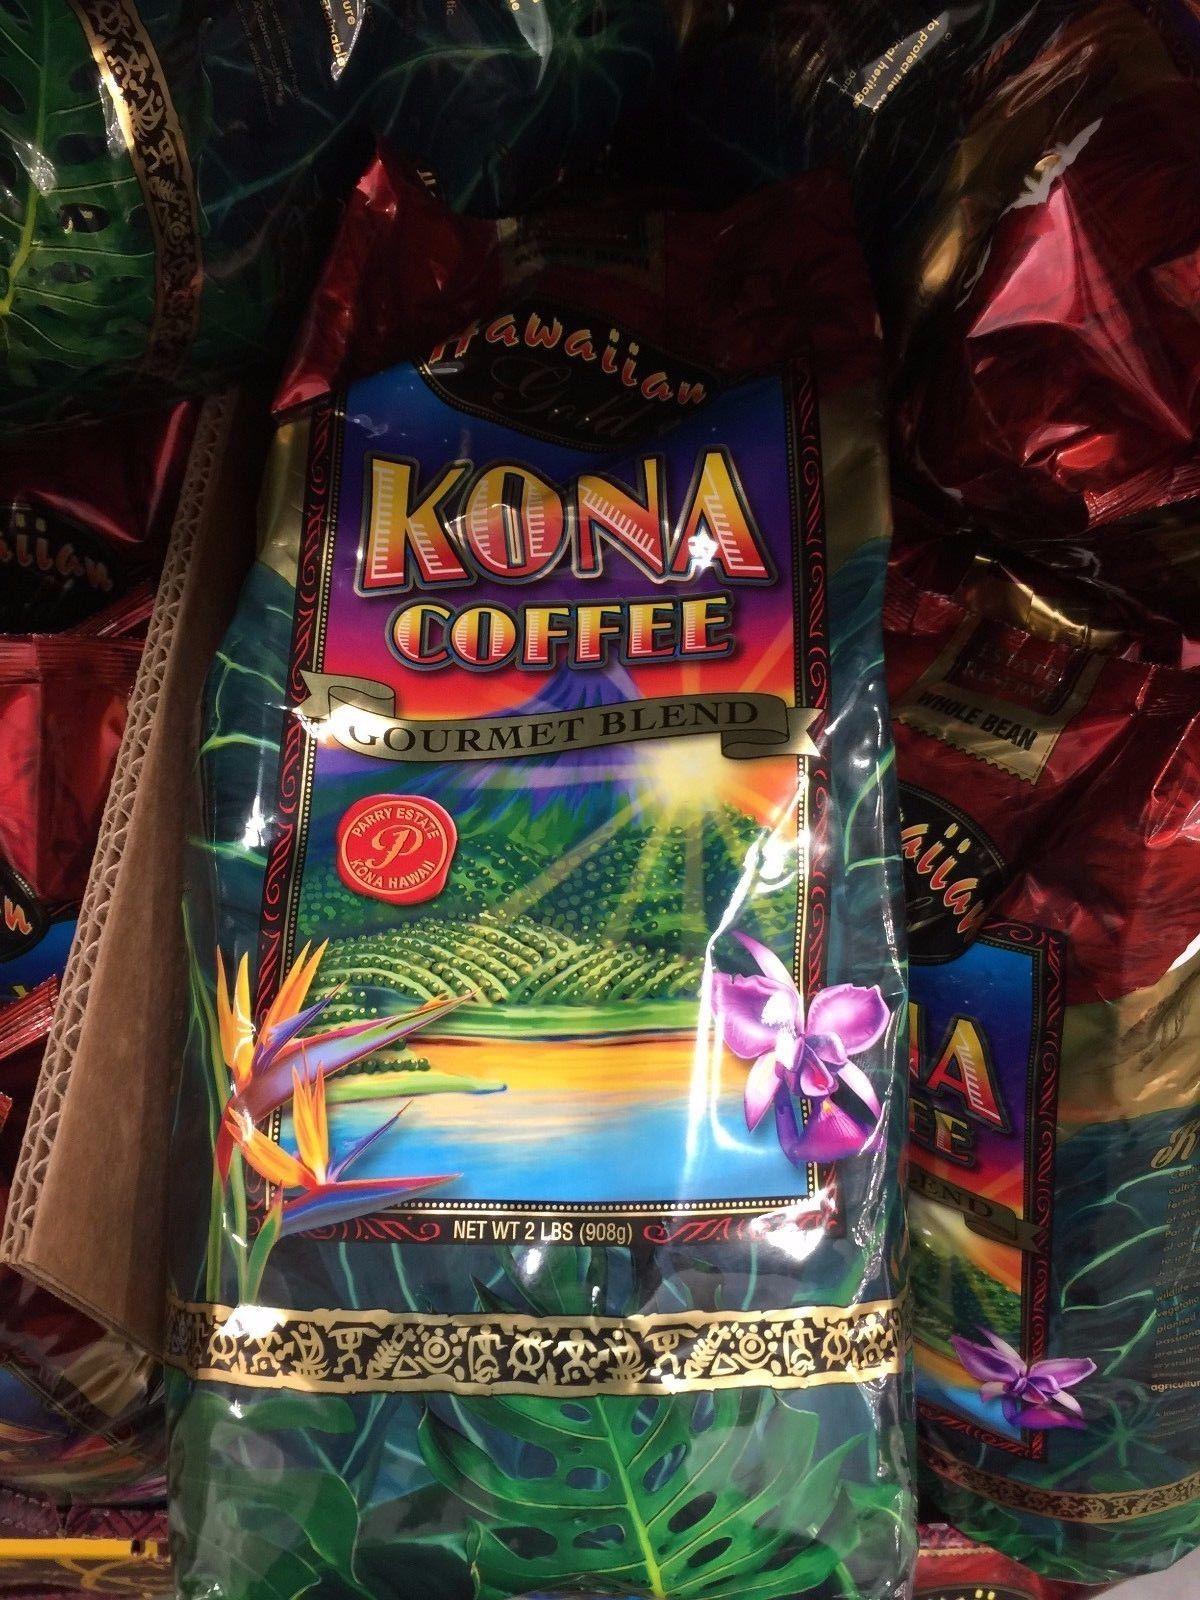 hawaiian-gold-kona-coffee-beans-gourmet-blend